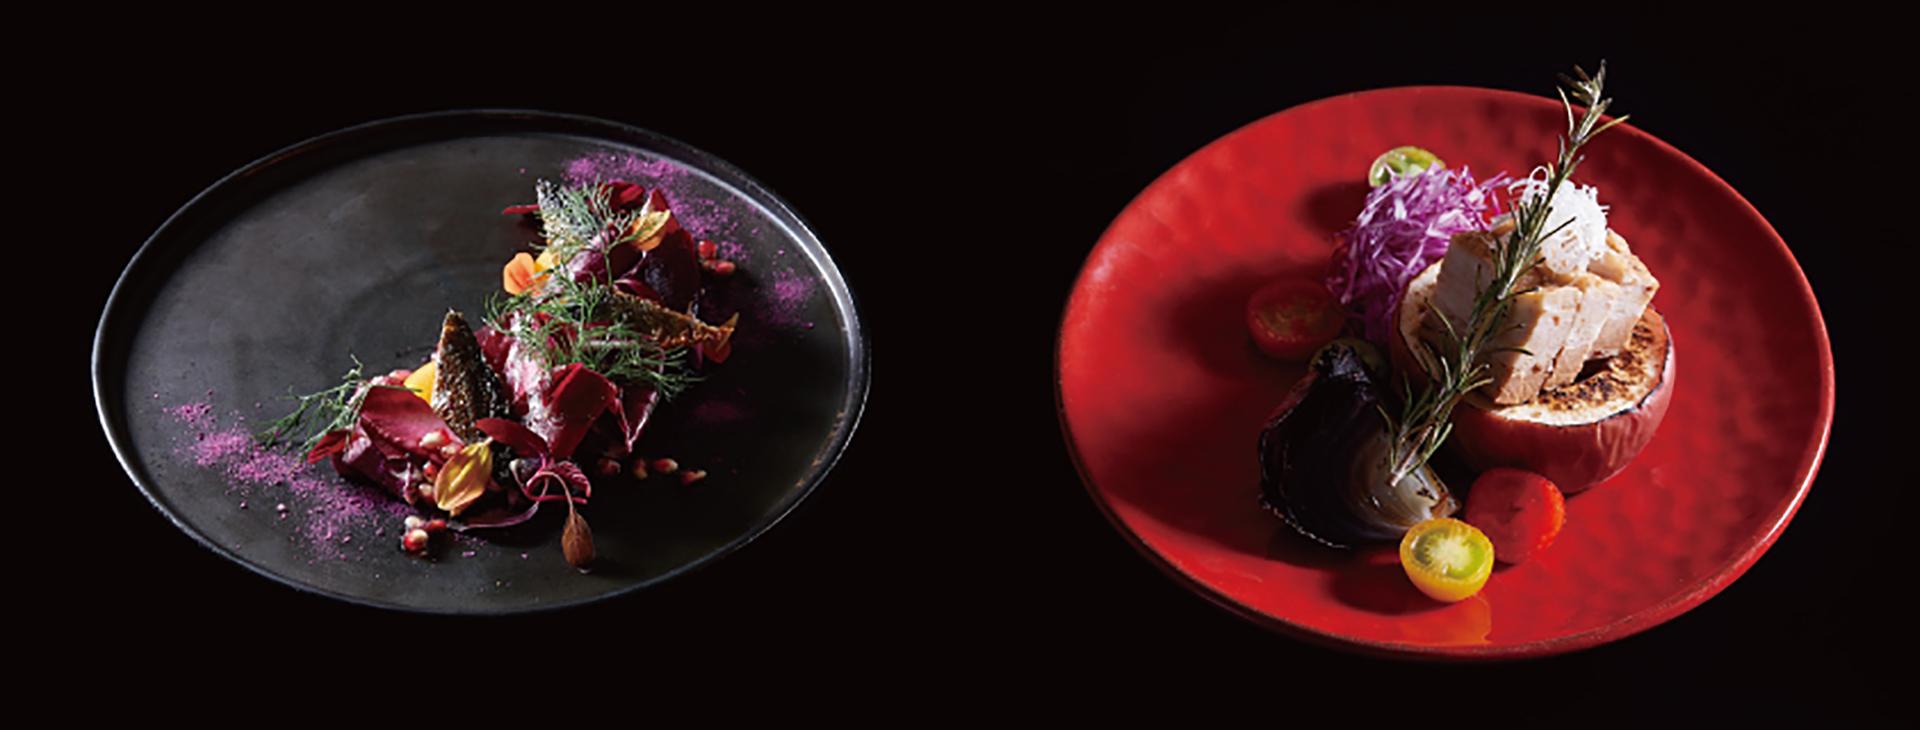 秋刀魚の赤いサラダ